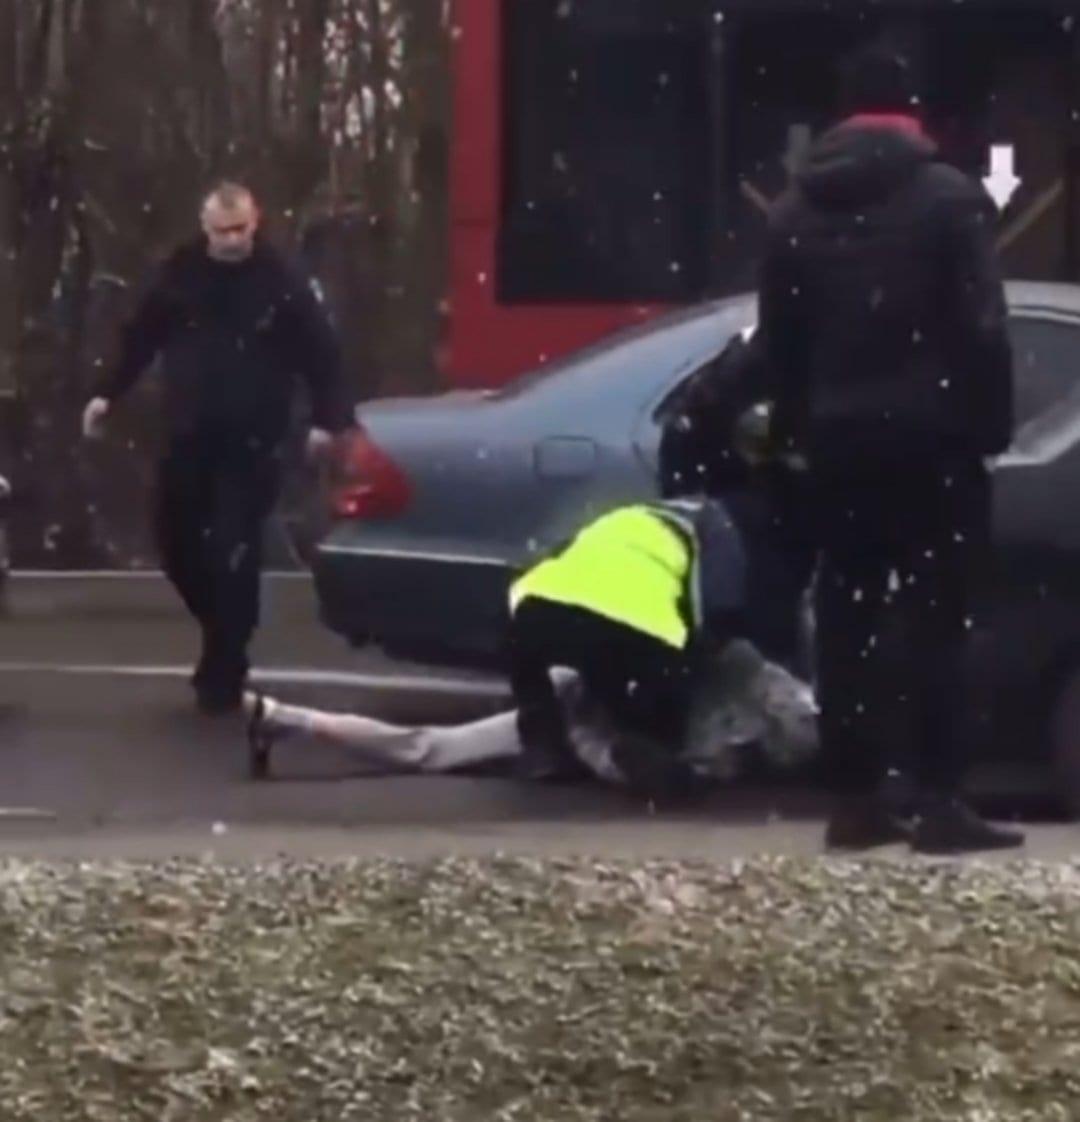 Лицем у асфальт: патрульні після погоні затримали водія під наркотиками, Мерседес евакуювали (ВІДЕО)